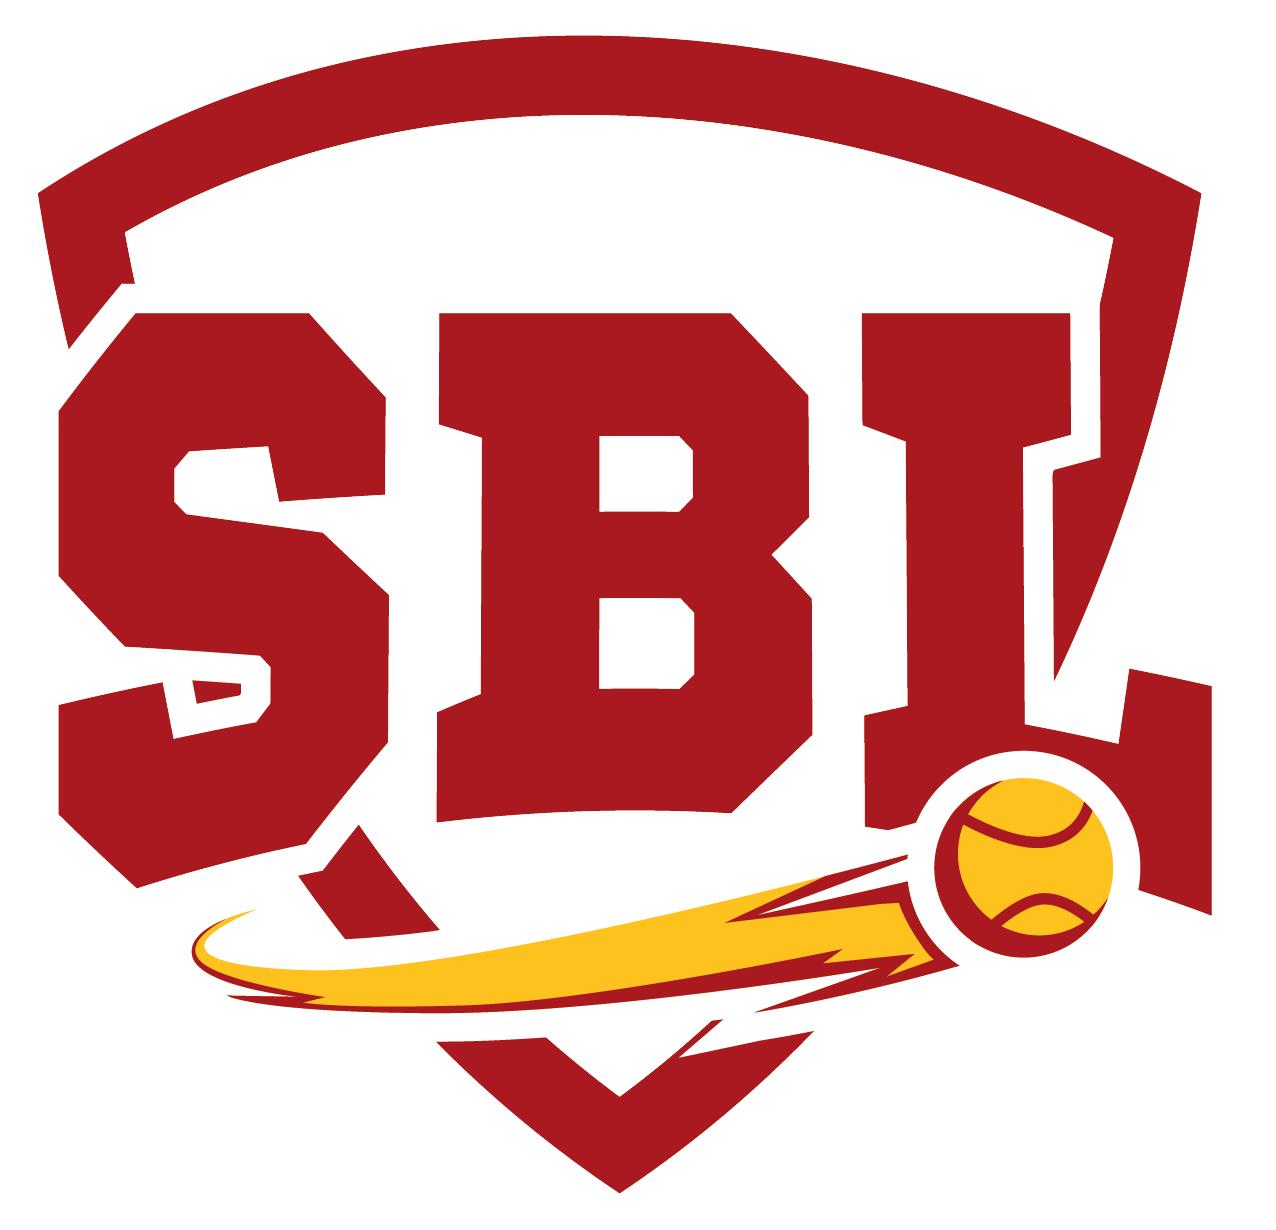 Spanish Baseball League Week 2: Astros Undefeated as Valerio Rips Four HR -  News - Spanish Baseball Leagues, Spain - Mister Baseball